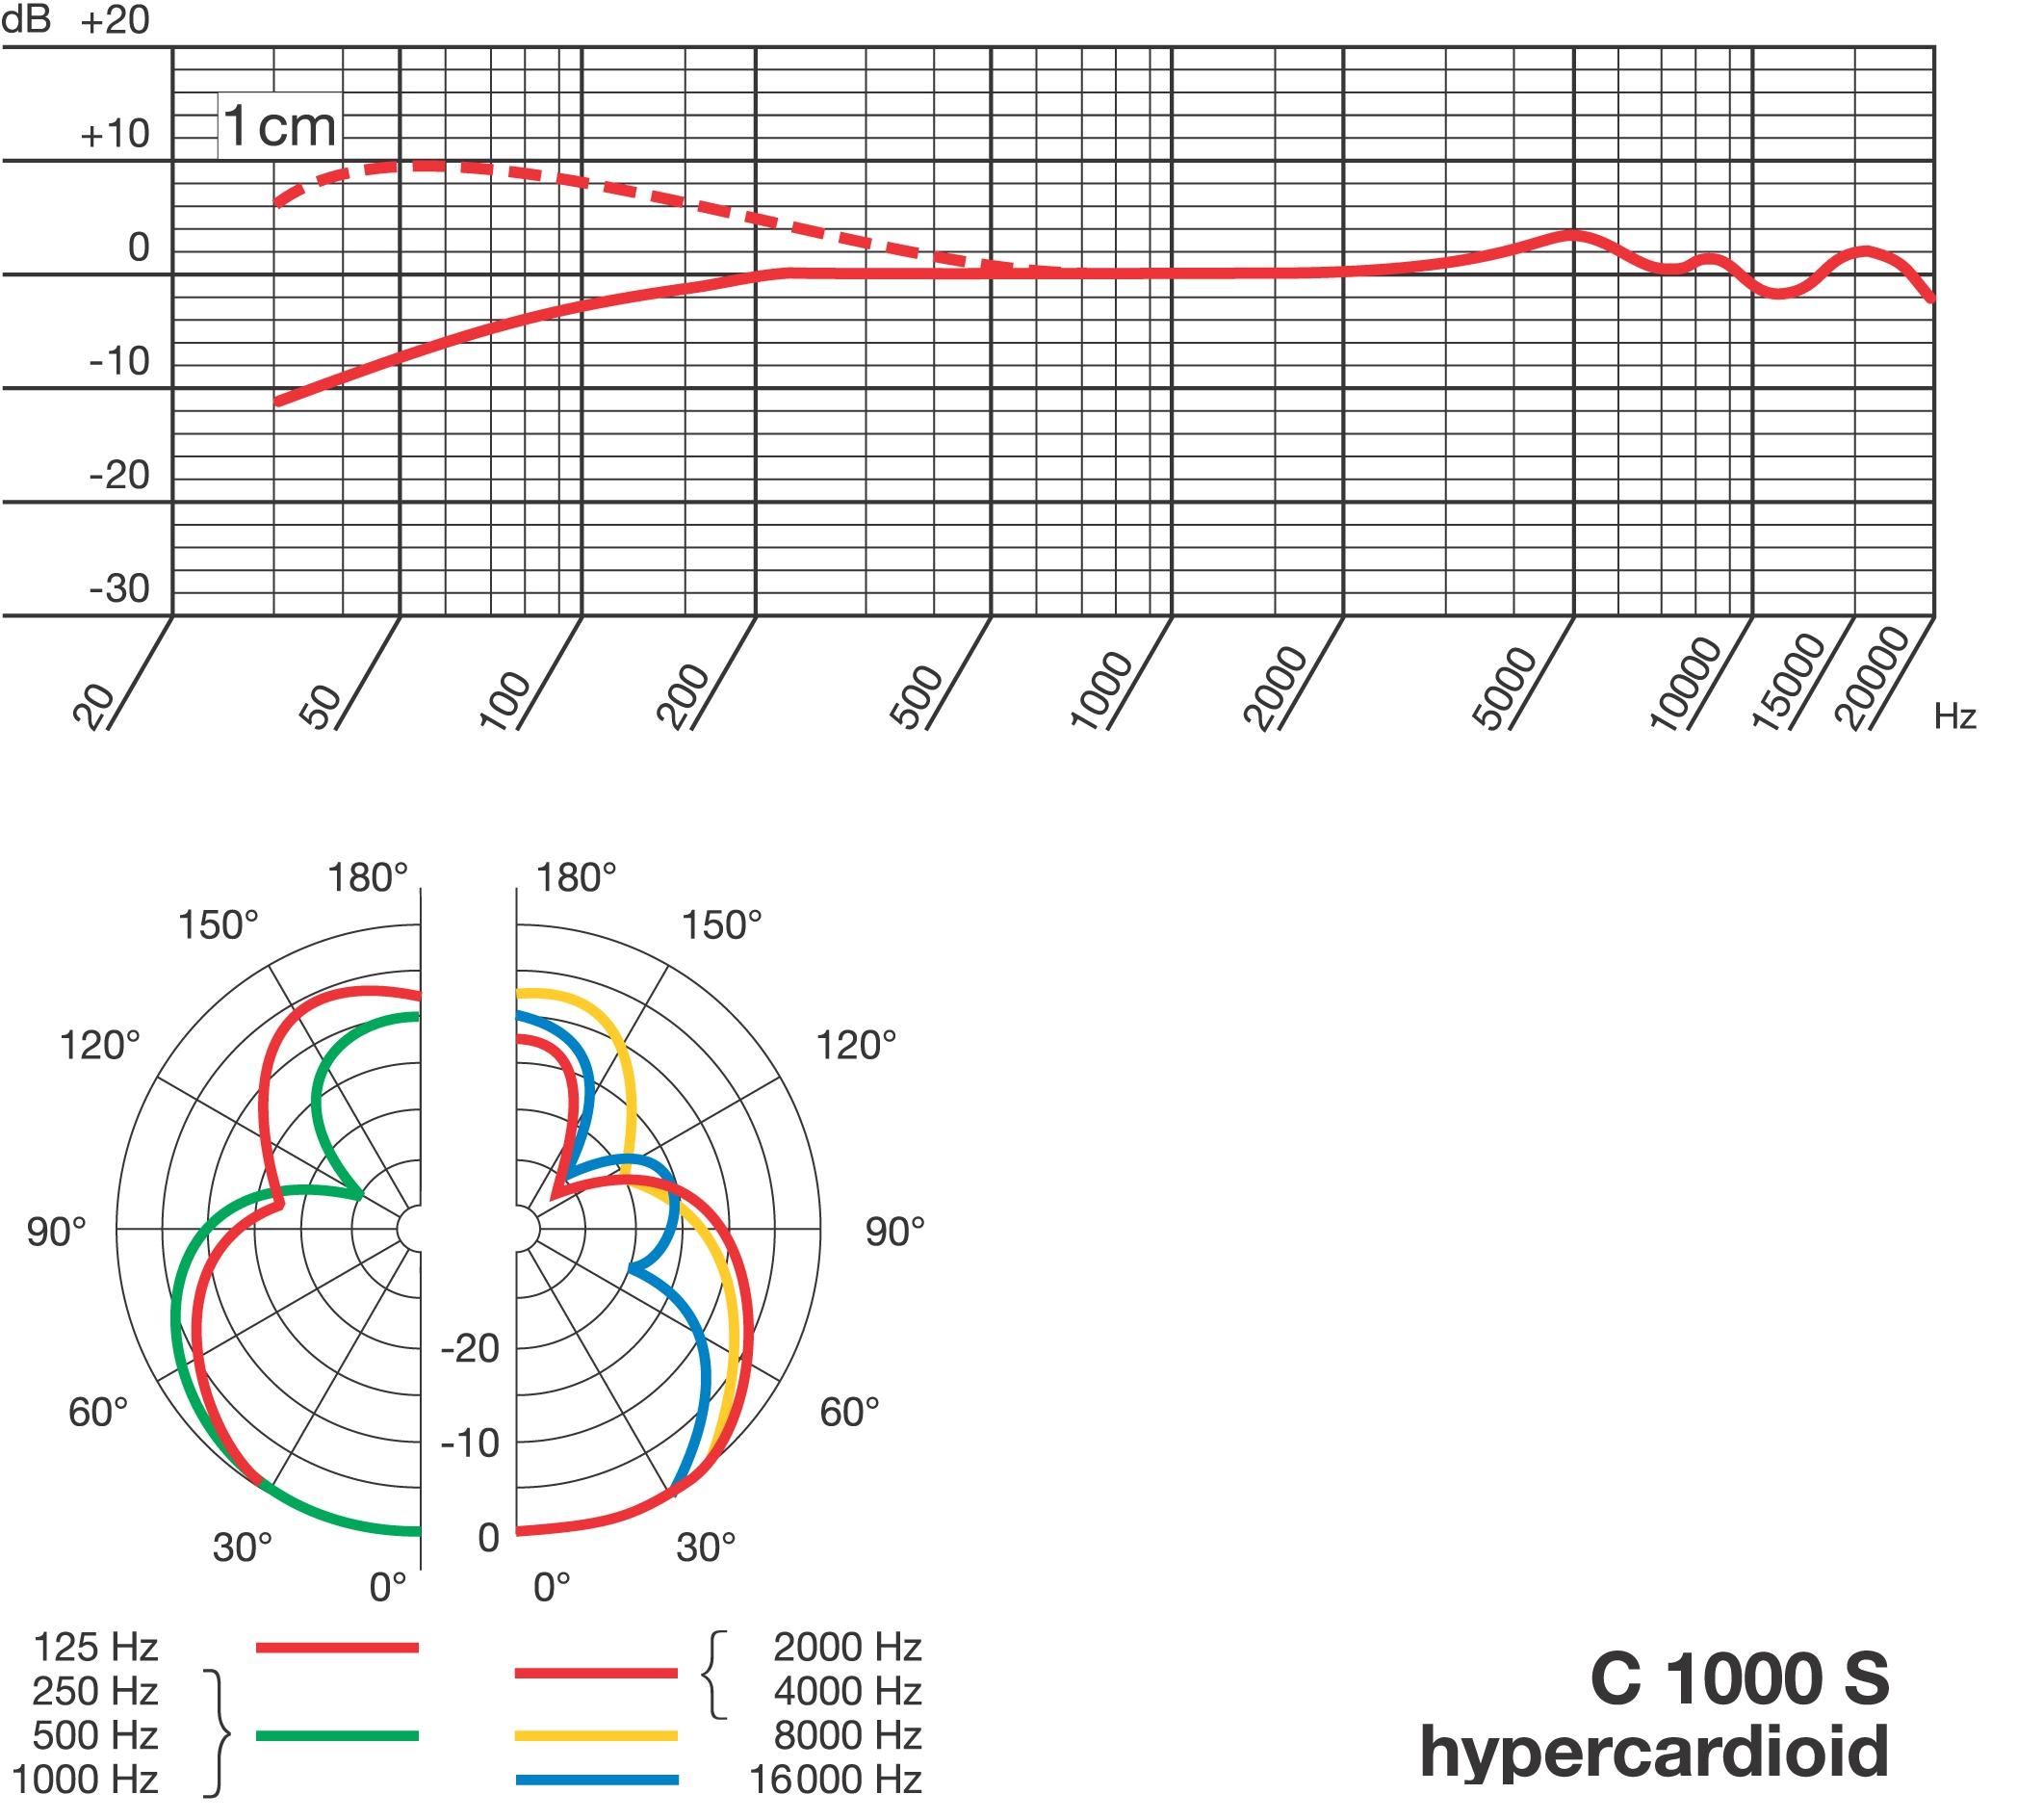 akg d112 wiring diagram 2 www crest3dwhite de \u2022akg d112 wiring diagram wiring diagram rh a23 siezendevisser nl akg d880 akg d112 frequency response